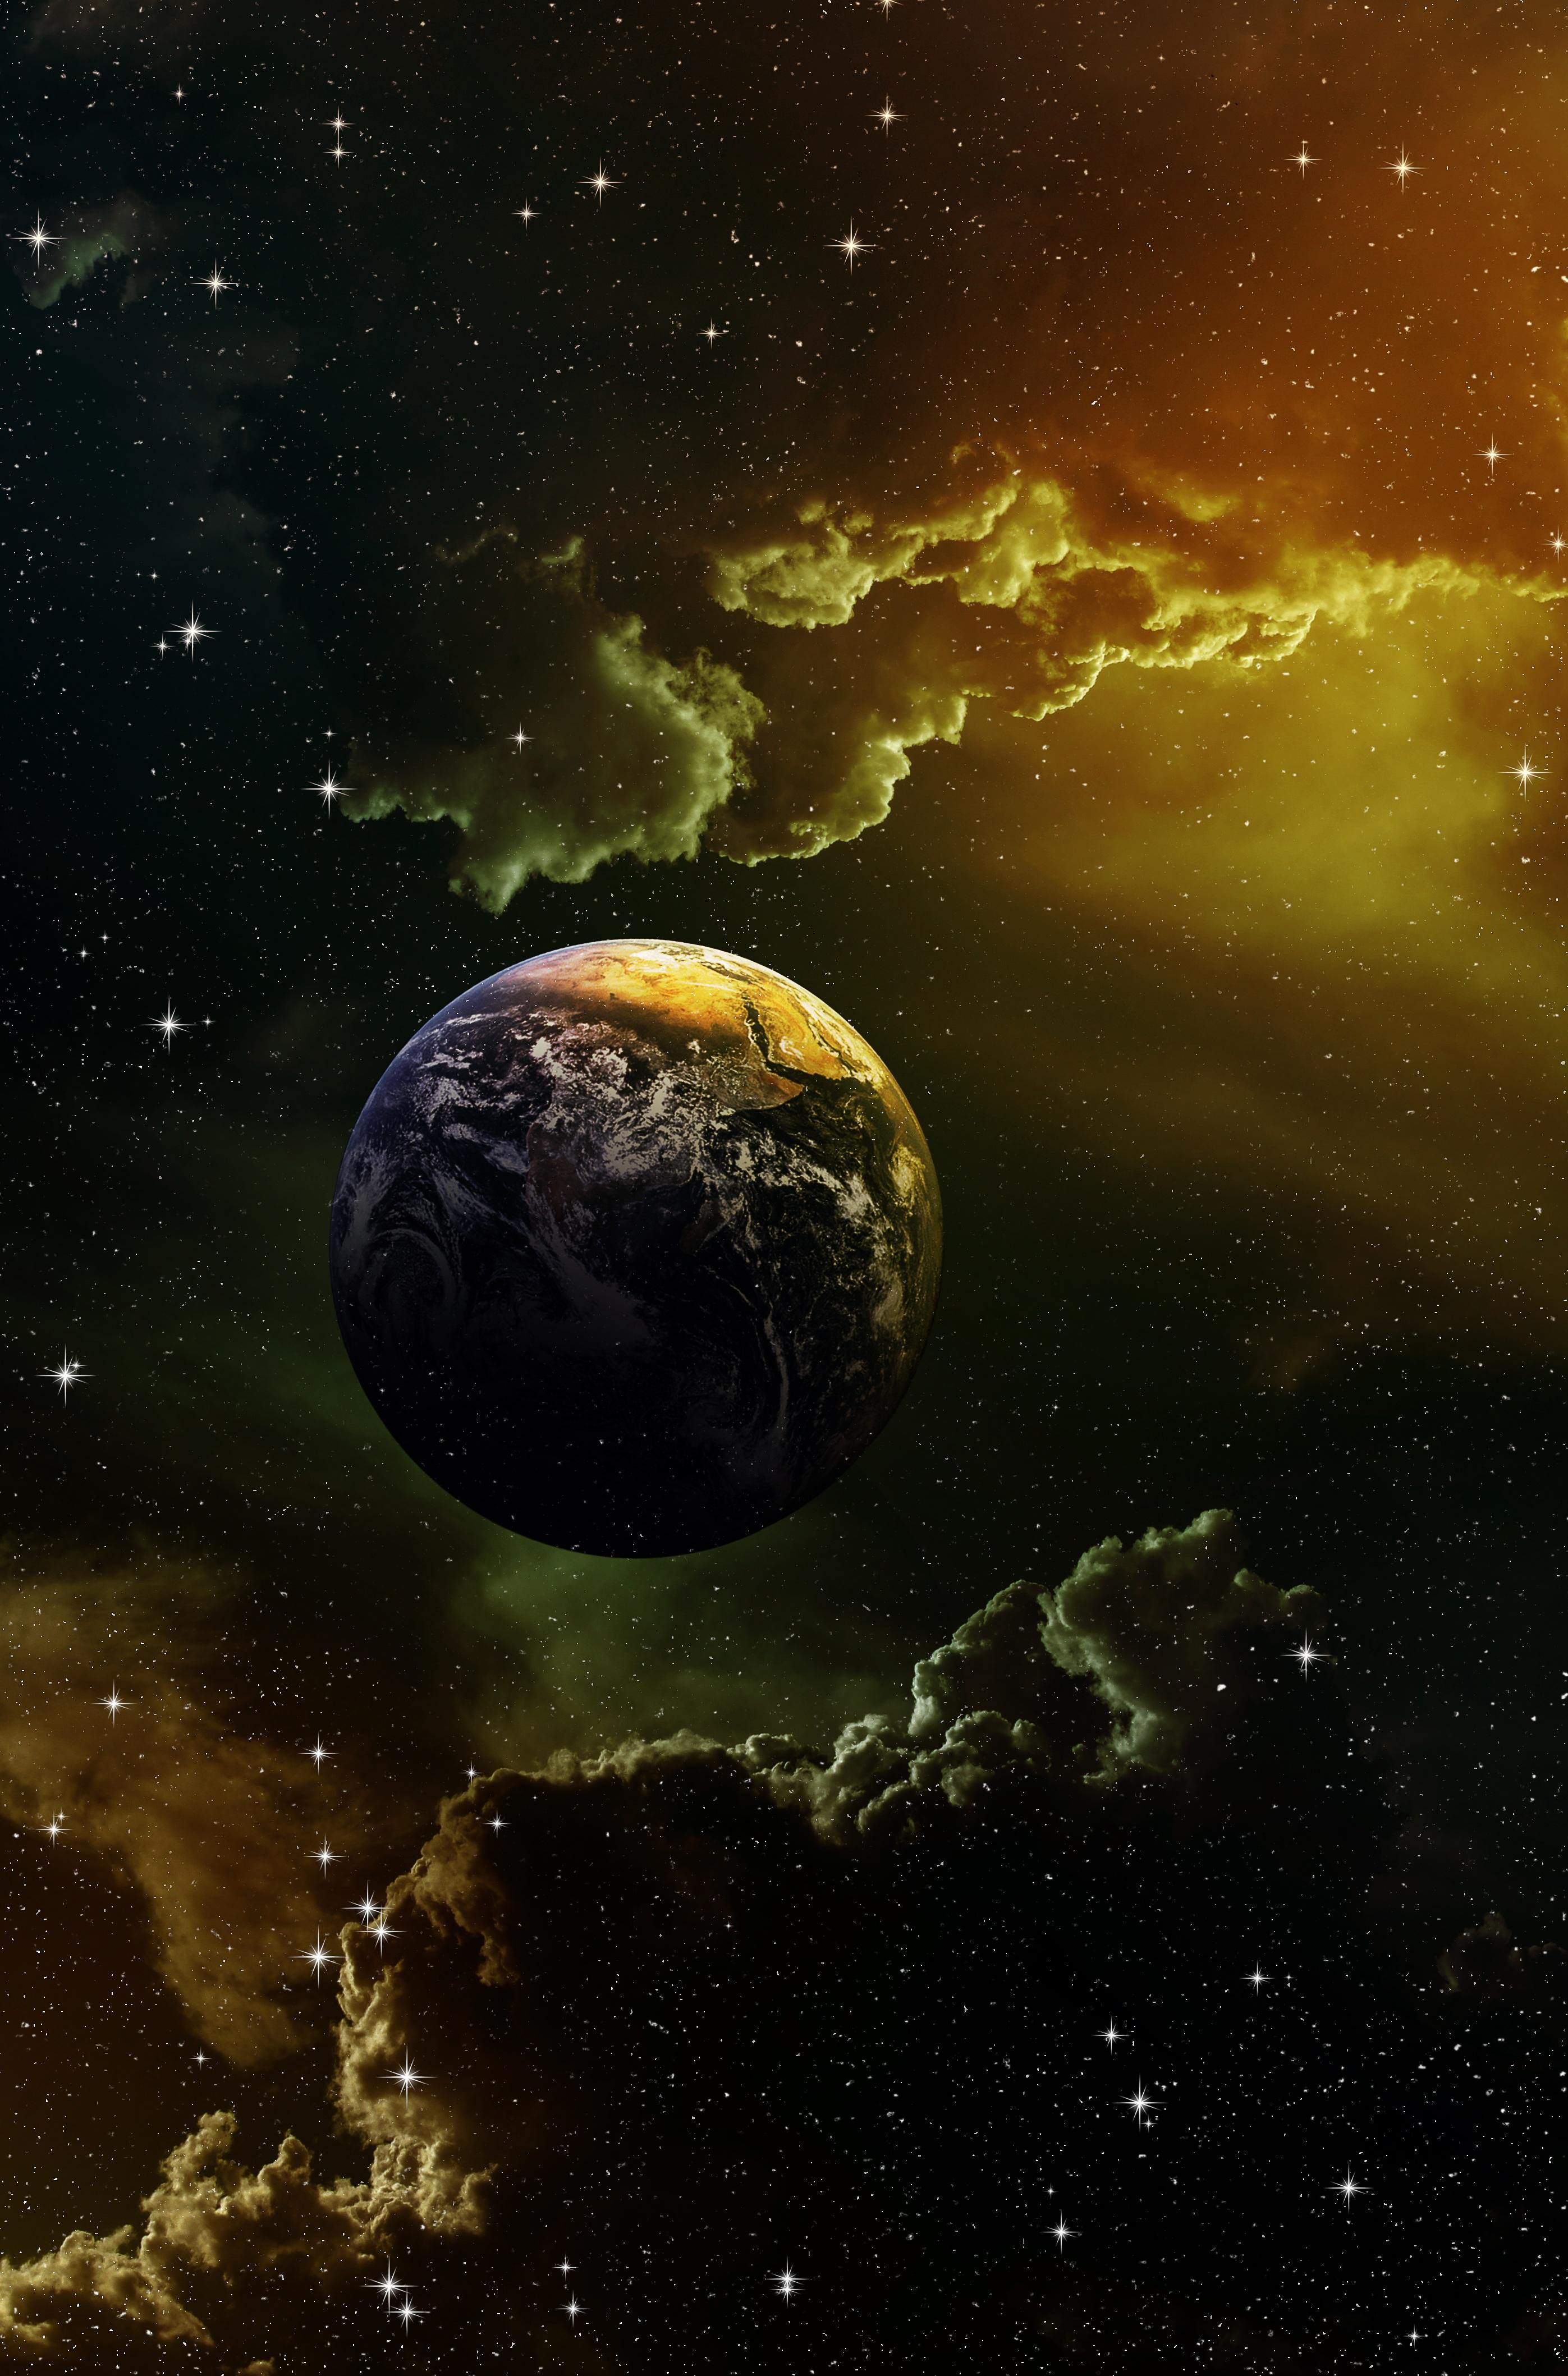 144696 скачать обои Звезды, Космос, Галактика, Планета - заставки и картинки бесплатно